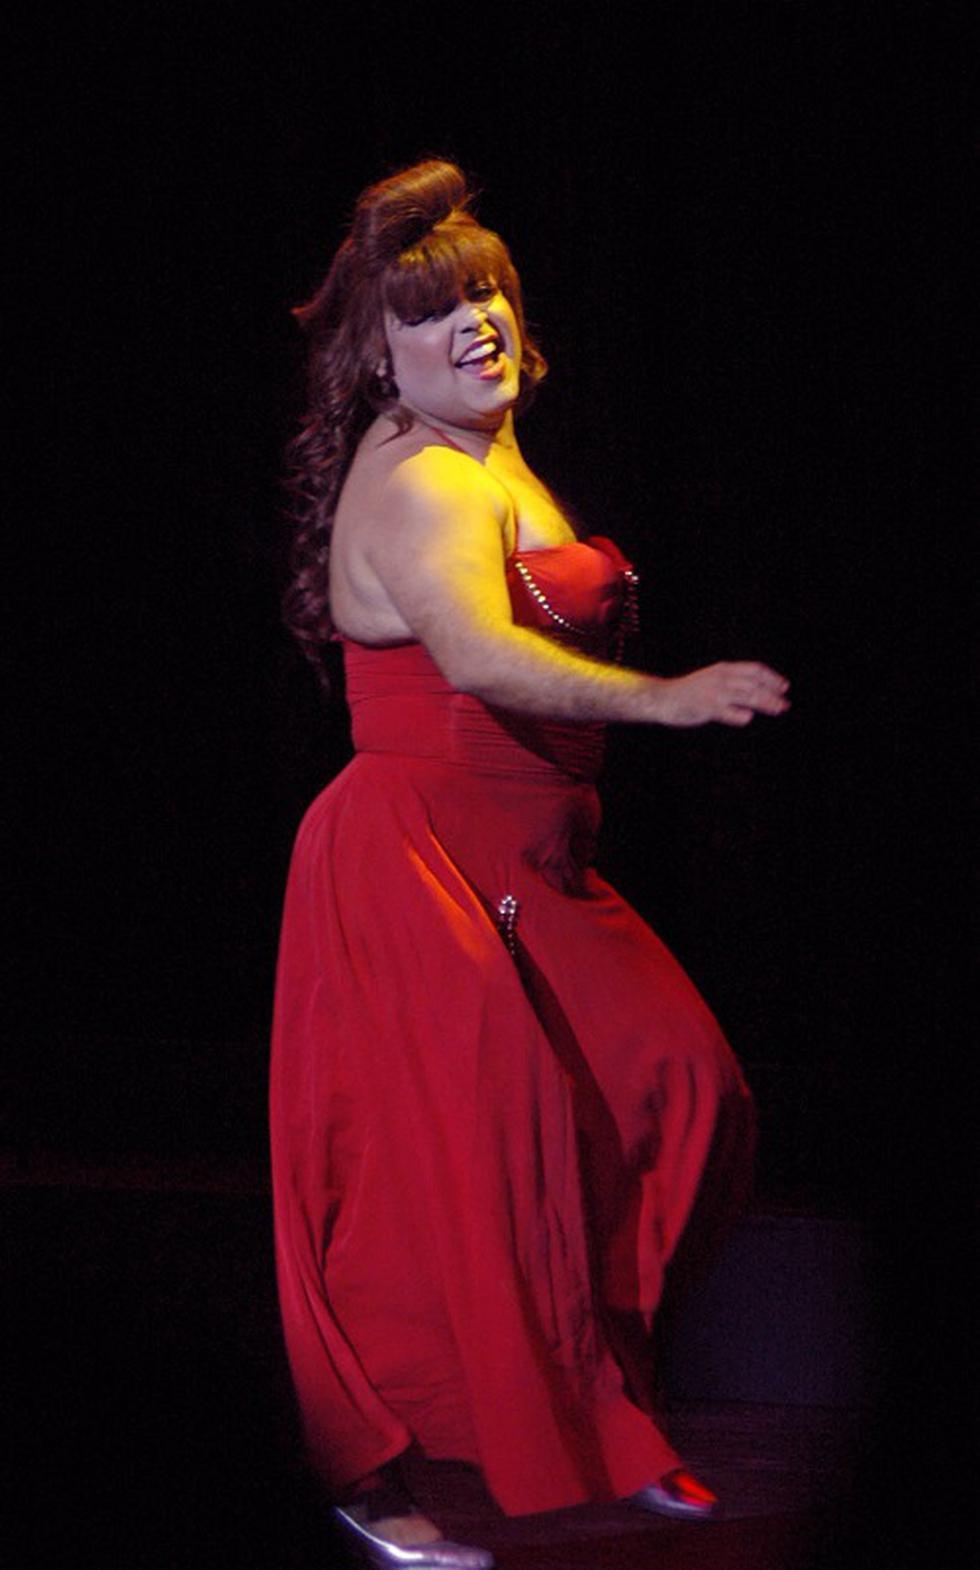 """Andrés Hurtado bailando como """"María Mercedes"""", personaje interpretado por Thalía en la novela del mismo nombre. (Foto GEC Archivo)"""